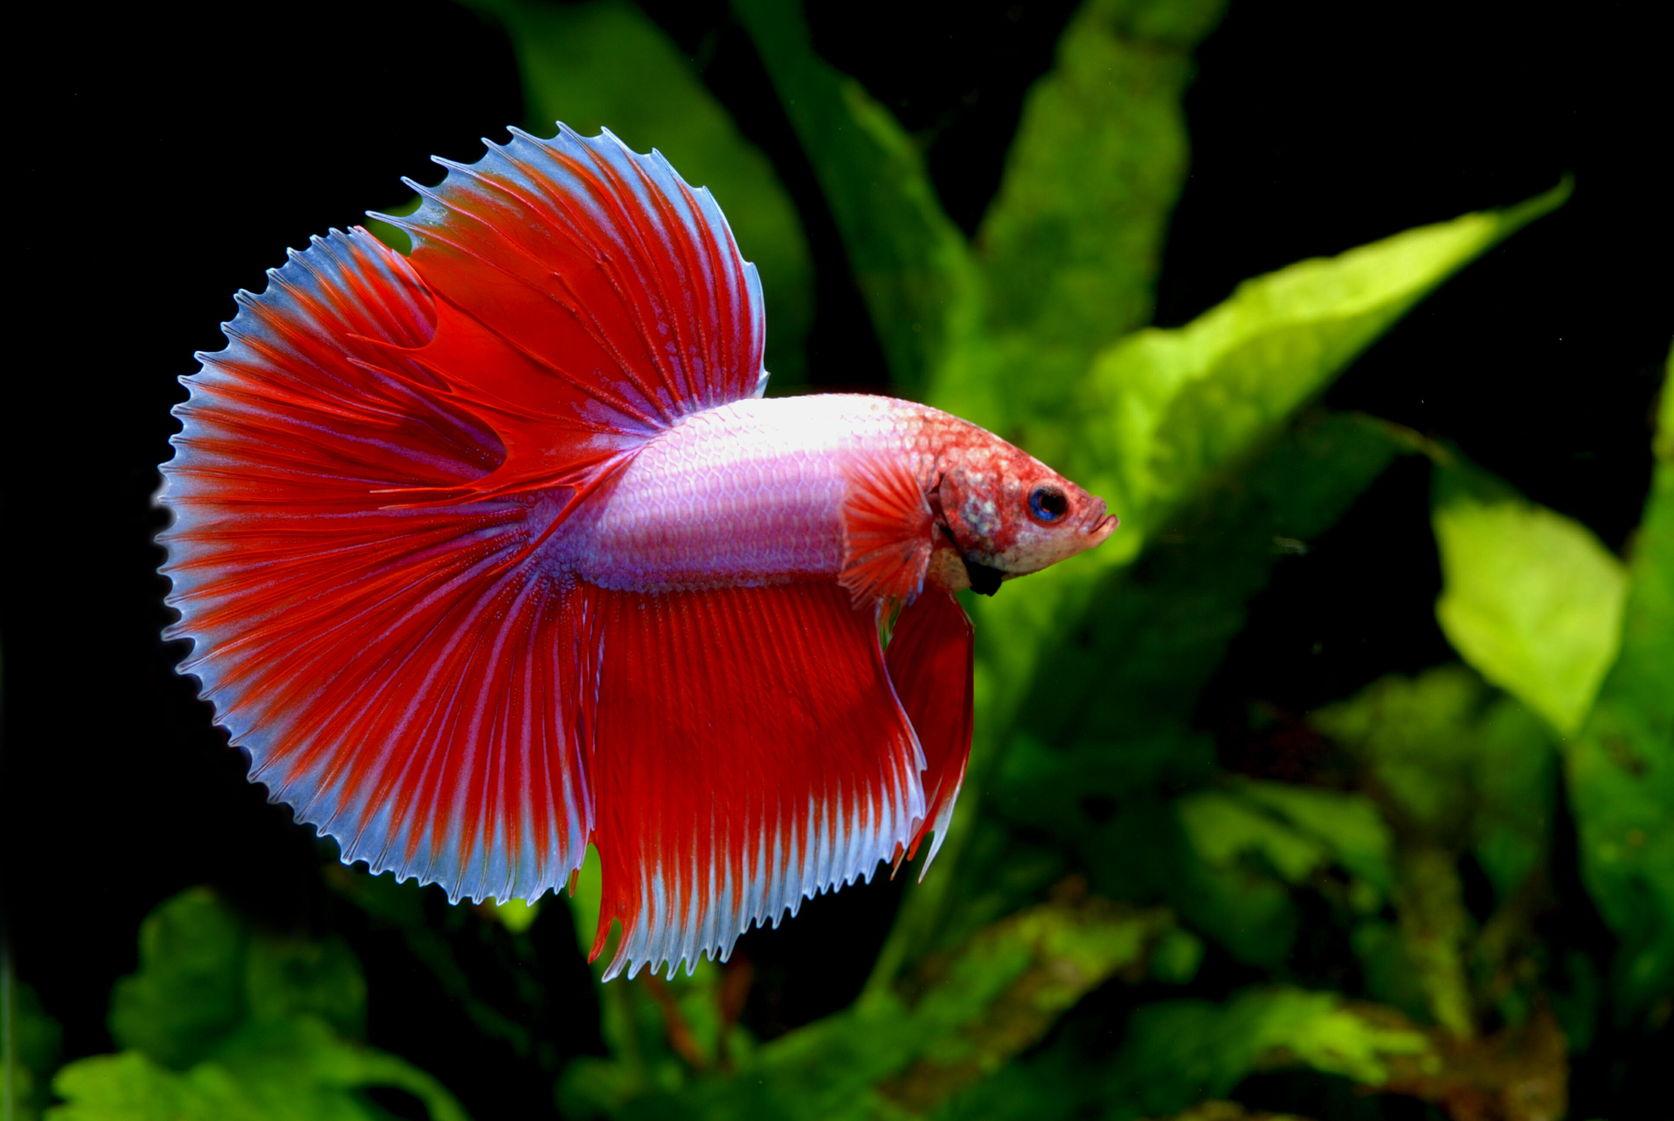 Hình ảnh con cá Betta đẹp nhất